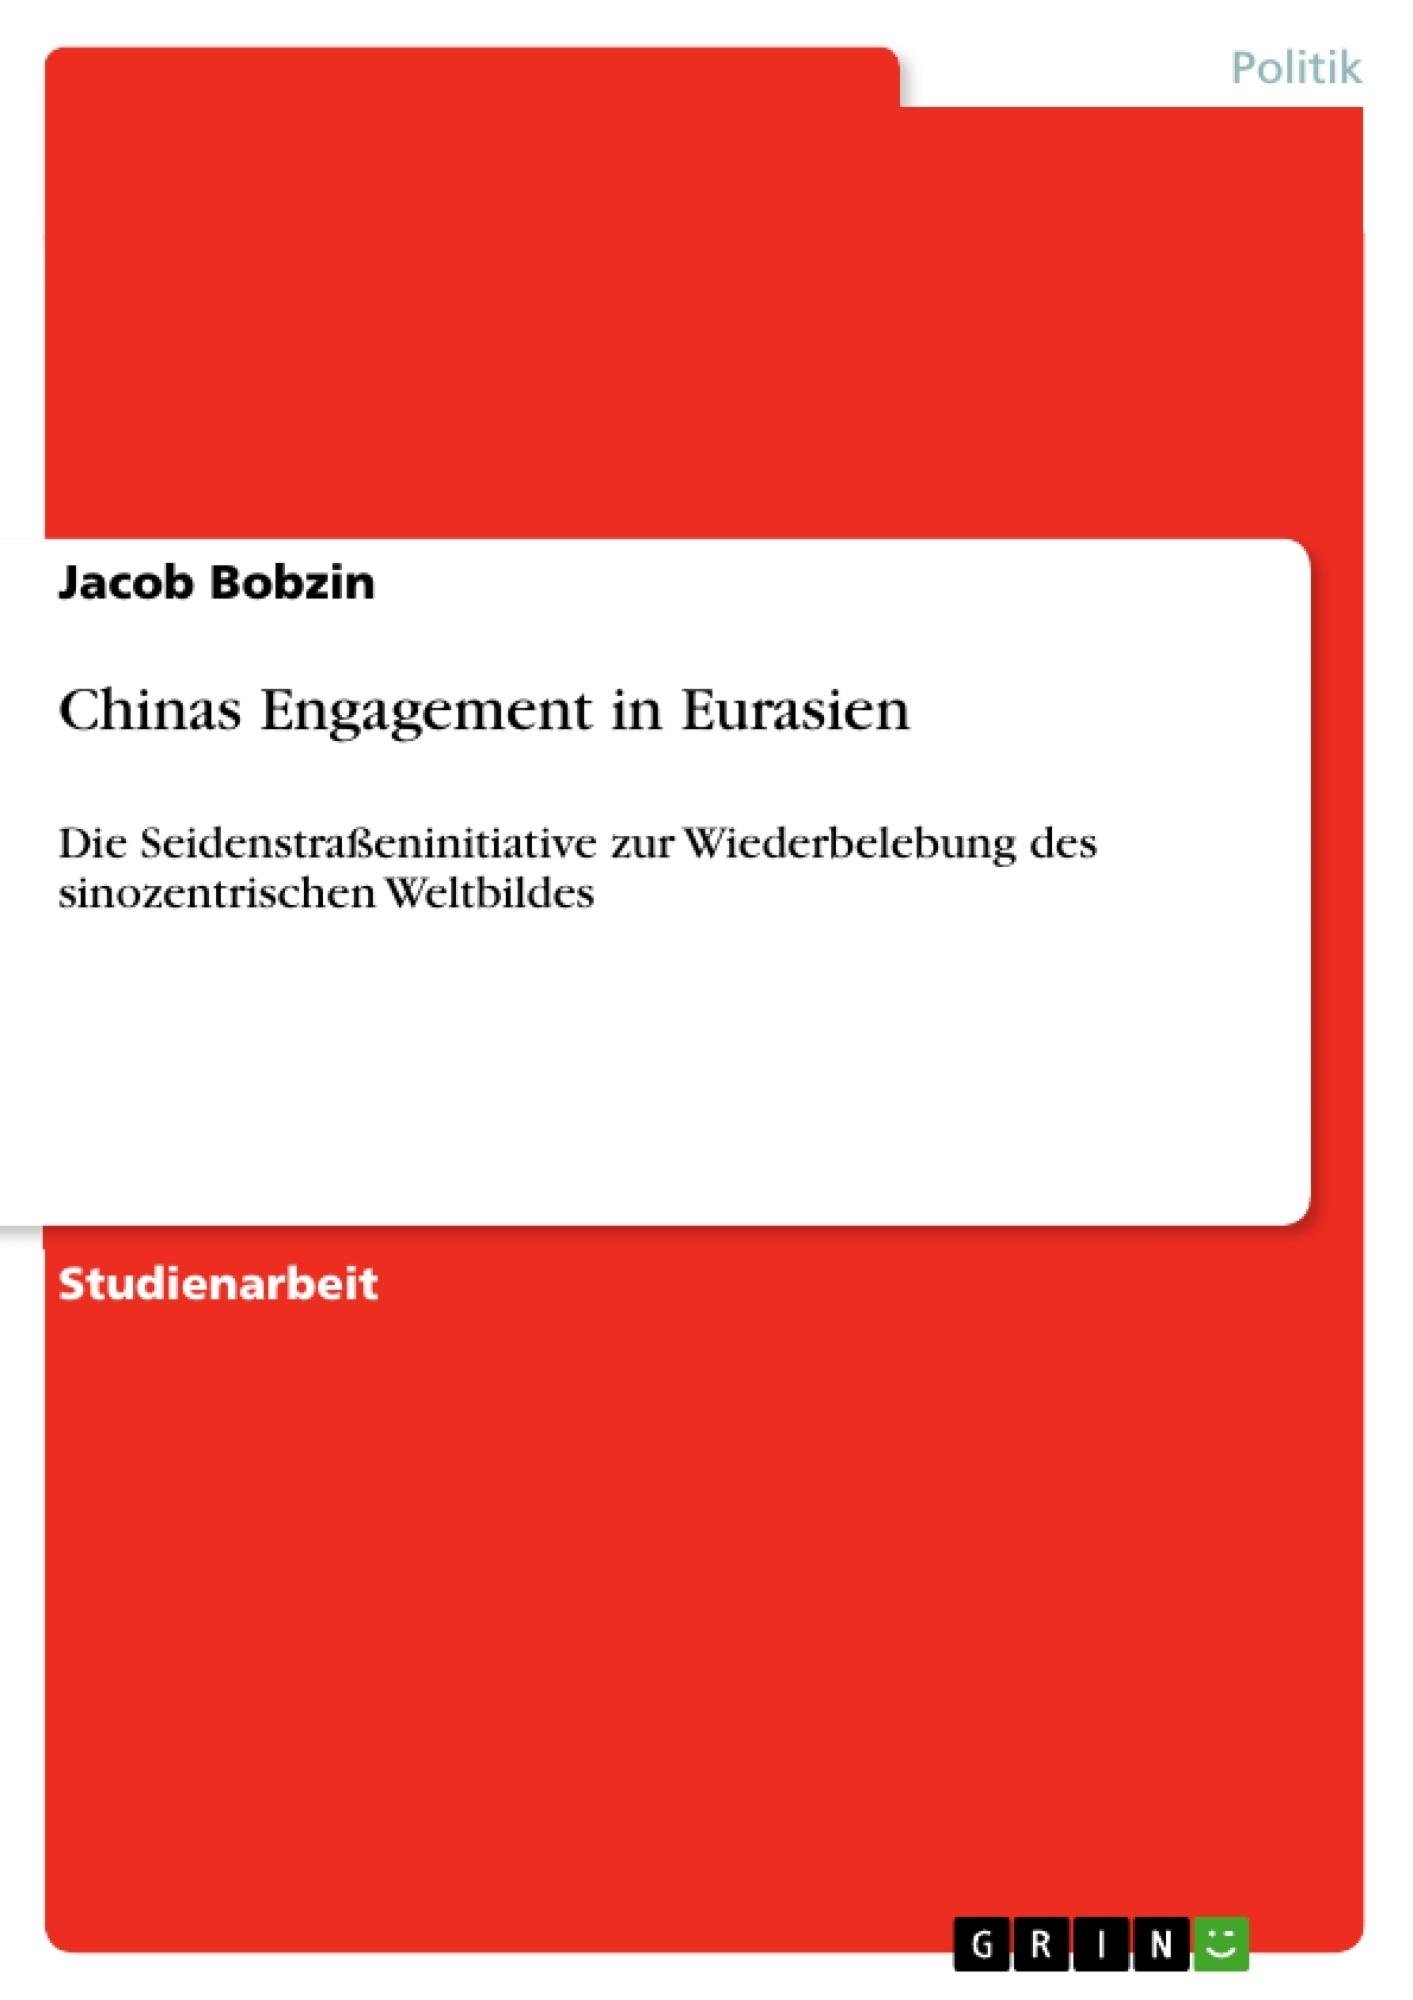 Titel: Chinas Engagement in Eurasien